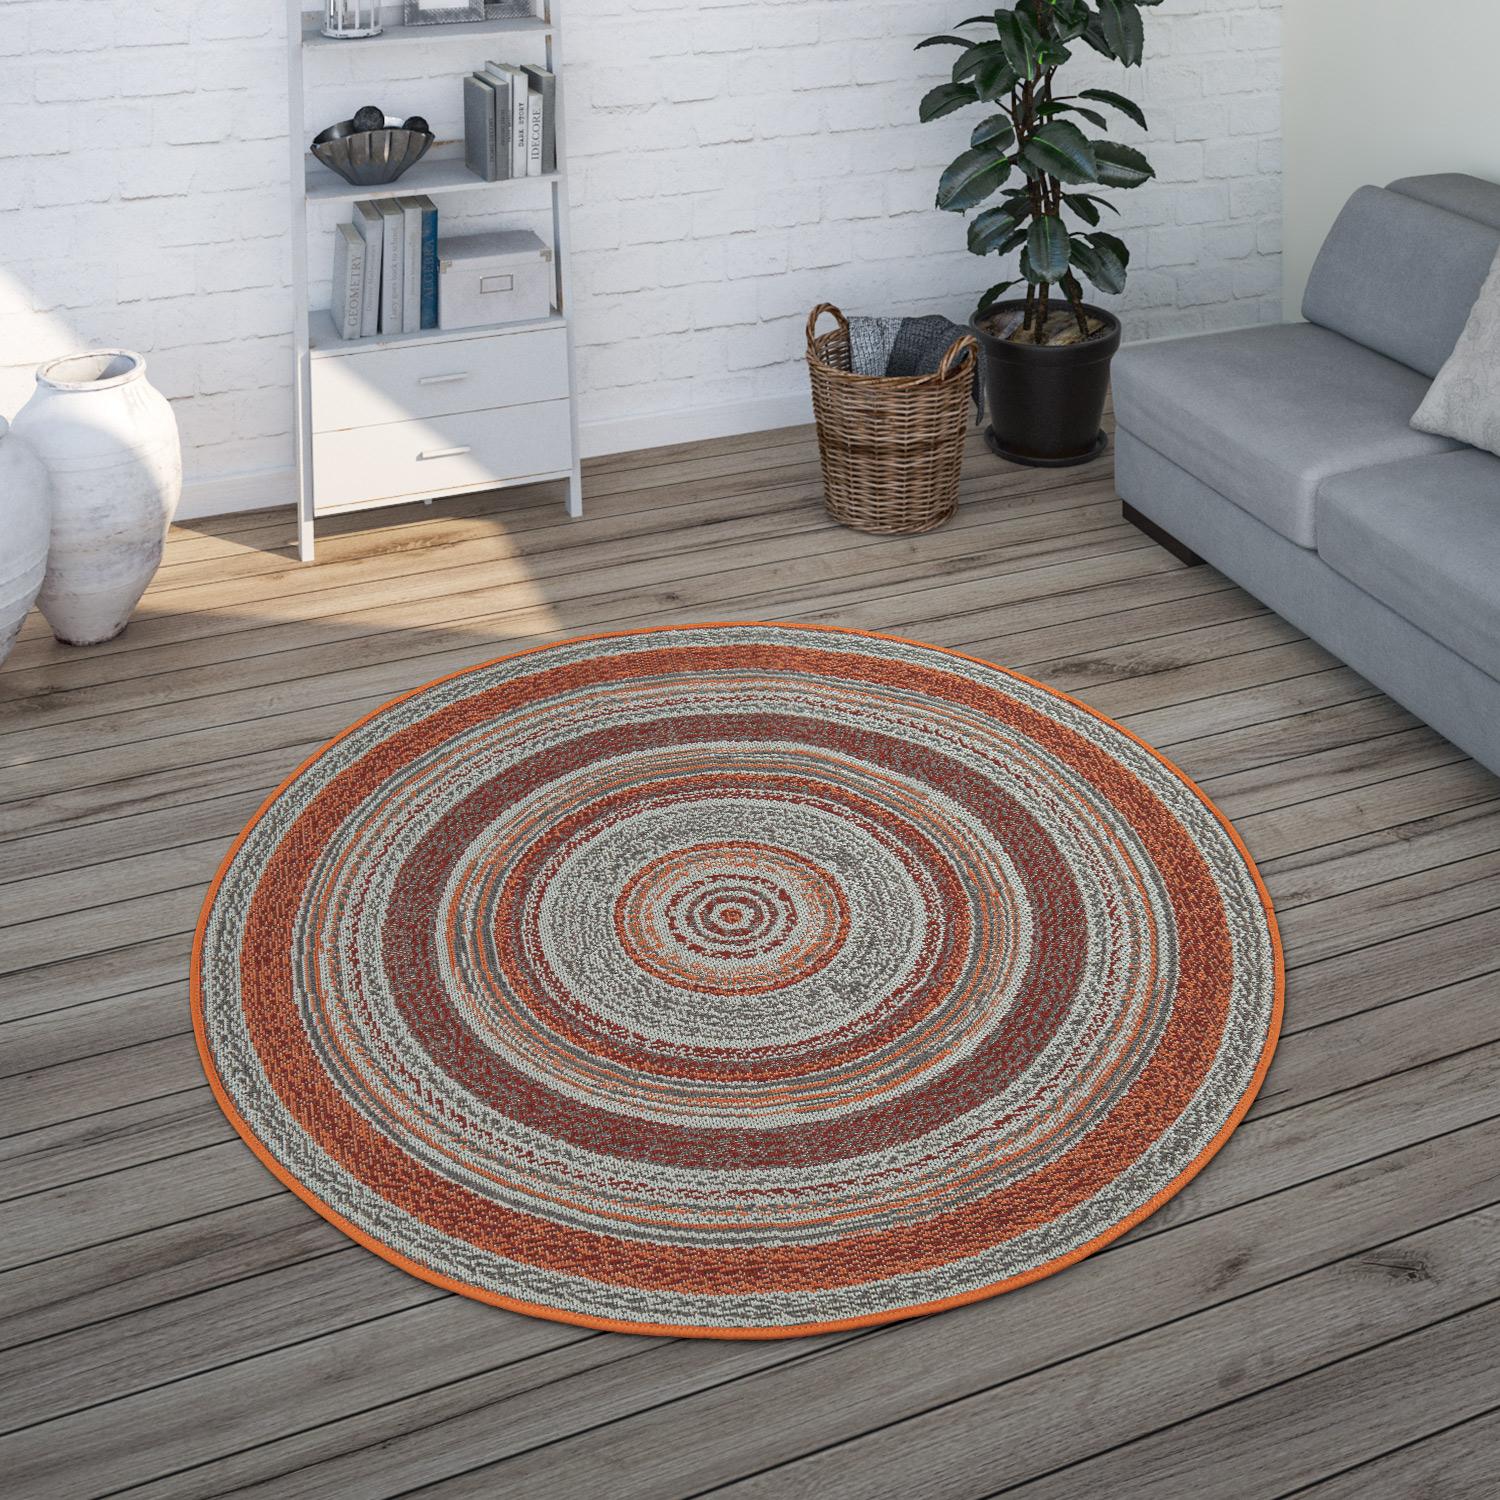 In- & Outdoor-Teppich Rund Ethno-Design Braun